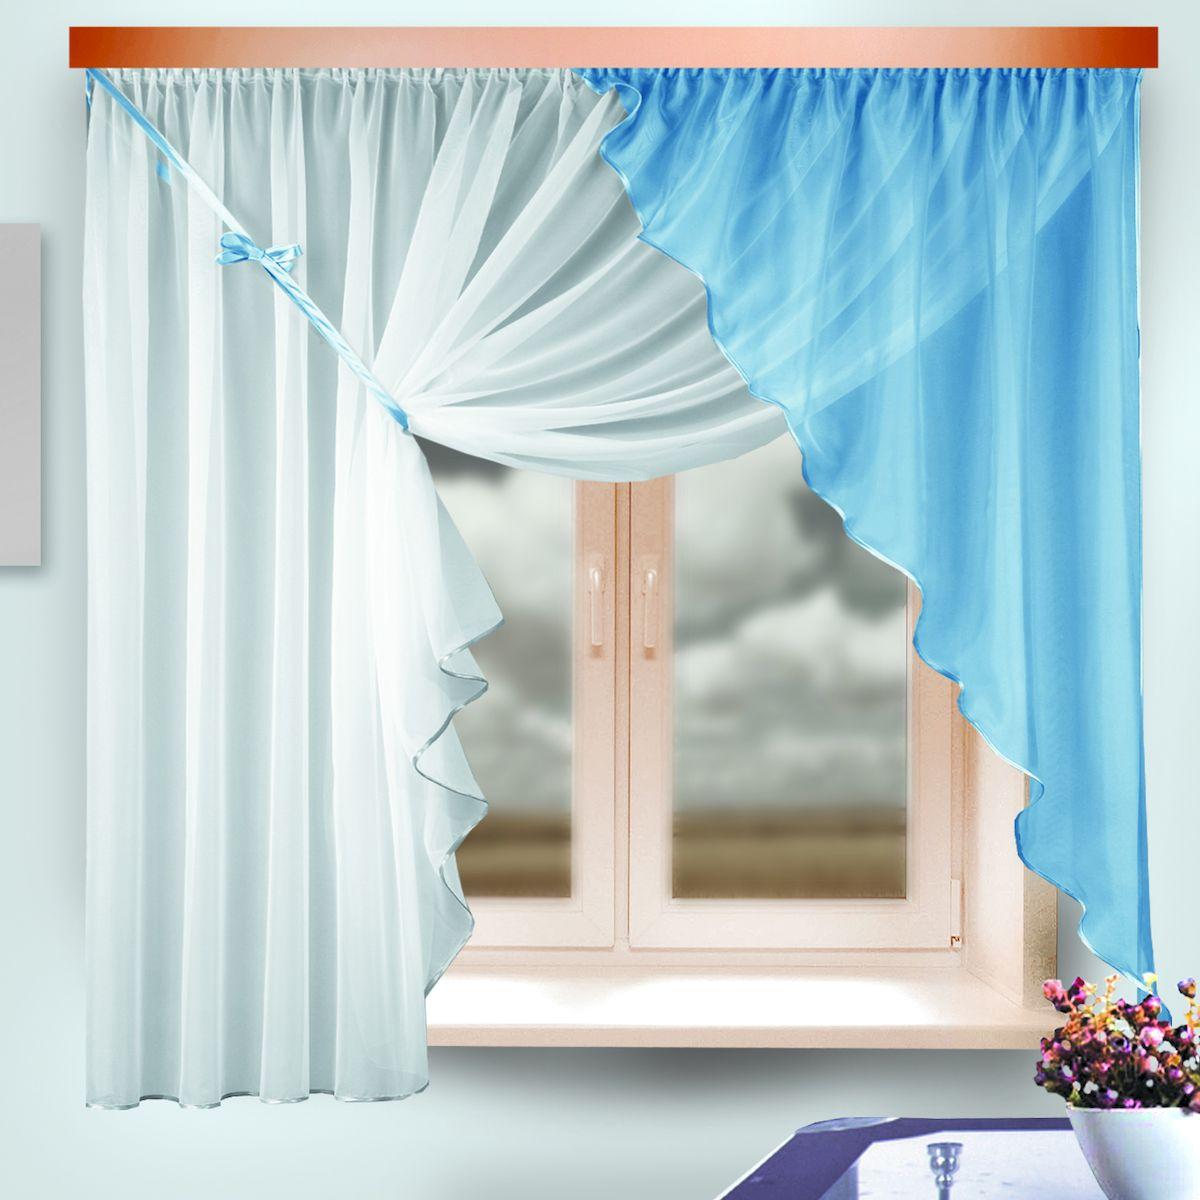 Комплект штор для кухни Zlata Korunka, на ленте, цвет: белый, голубой, высота 170 см. 33331039111214600Комплект штор для кухни Zlata Korunka, выполненный из полиэстера, великолепно украсит любое окно. Комплект состоит из ламбрекена и тюля. Оригинальный крой и приятная цветовая гамма привлекут к себе внимание и органично впишутся в интерьер помещения. Этот комплект будет долгое время радовать вас и вашу семью!Комплект крепится на карниз при помощи ленты, которая поможет красиво и равномерно задрапировать верх.В комплект входит: Ламбрекен: 1 шт. Размер (Ш х В): 142 х 170 см. Тюль: 1 шт. Размер (Ш х В): 290 х 170 см.